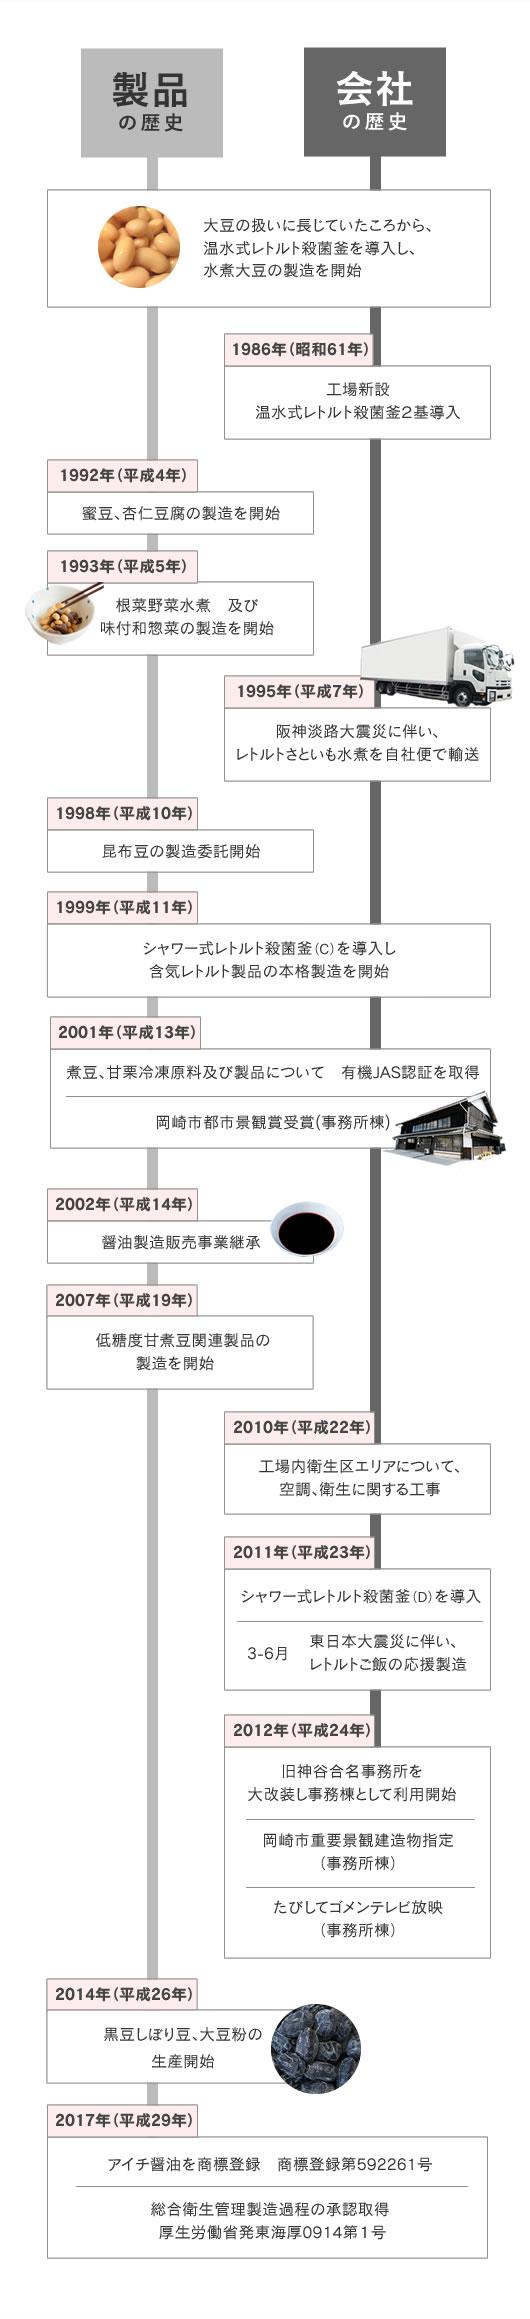 製品の歴史 / 会社の歴史